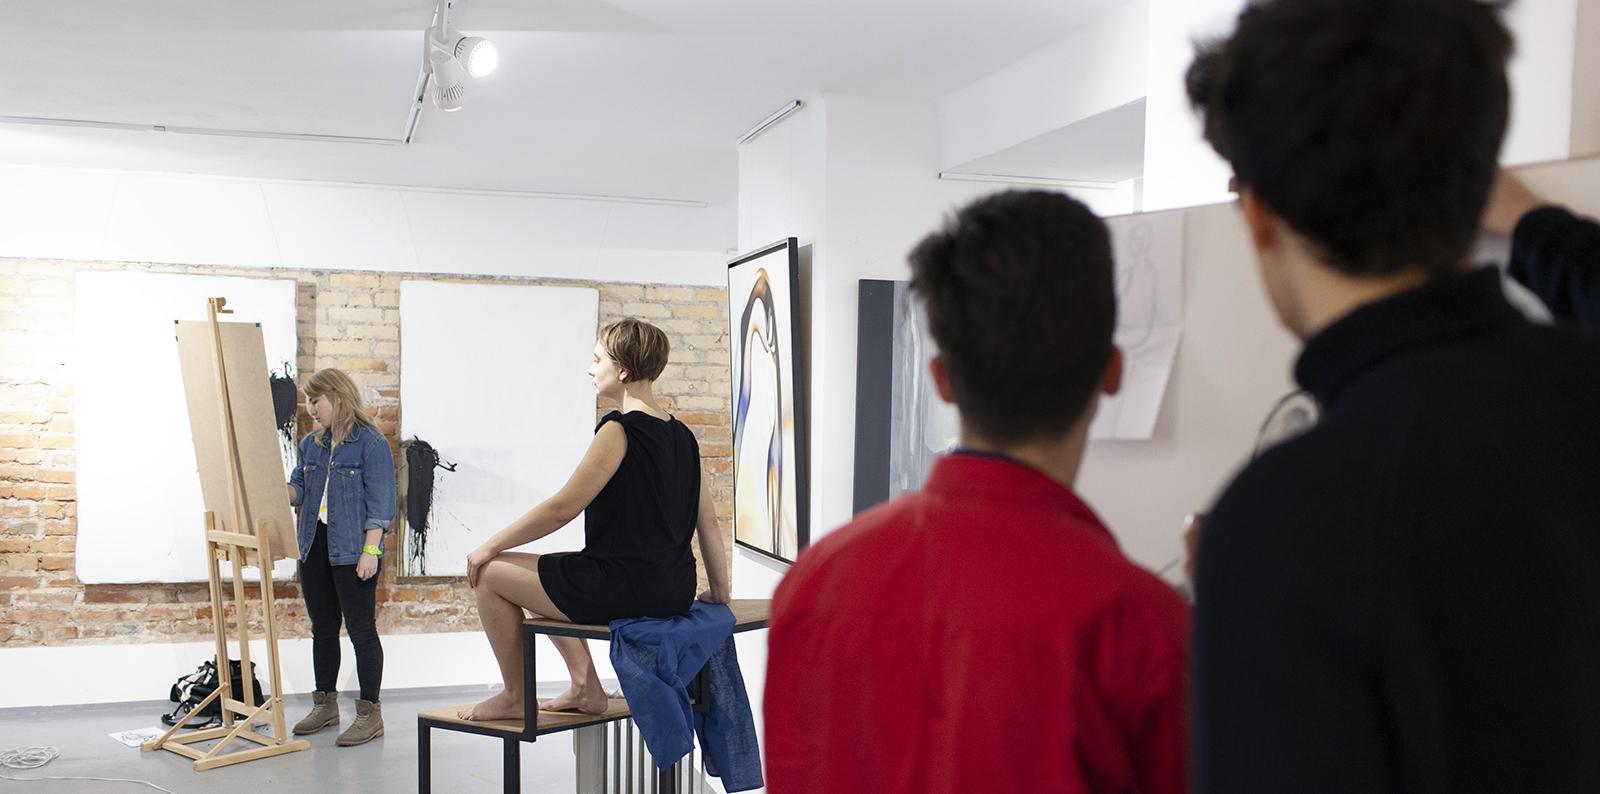 Zdjęcie nastronę główną, kurs rysunku, kurs malarswa, firma art form studio, zajęcia zrysunku, zajęcia zmalarstwa, warszawa, hoża 51, art form studio